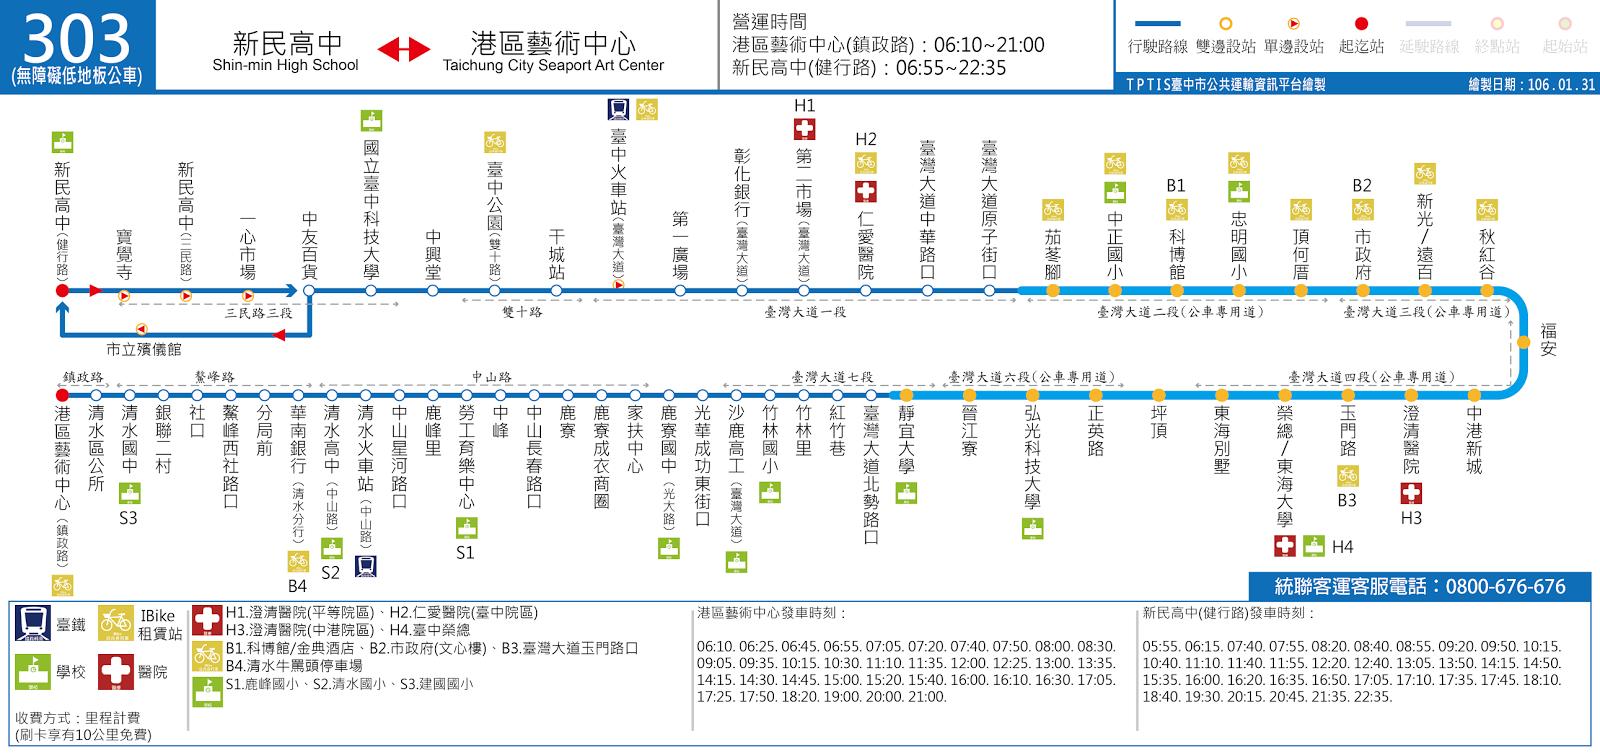 臺中市公共運輸資訊平臺: 303路(原83路,藍12路):新民高中-港區藝術中心